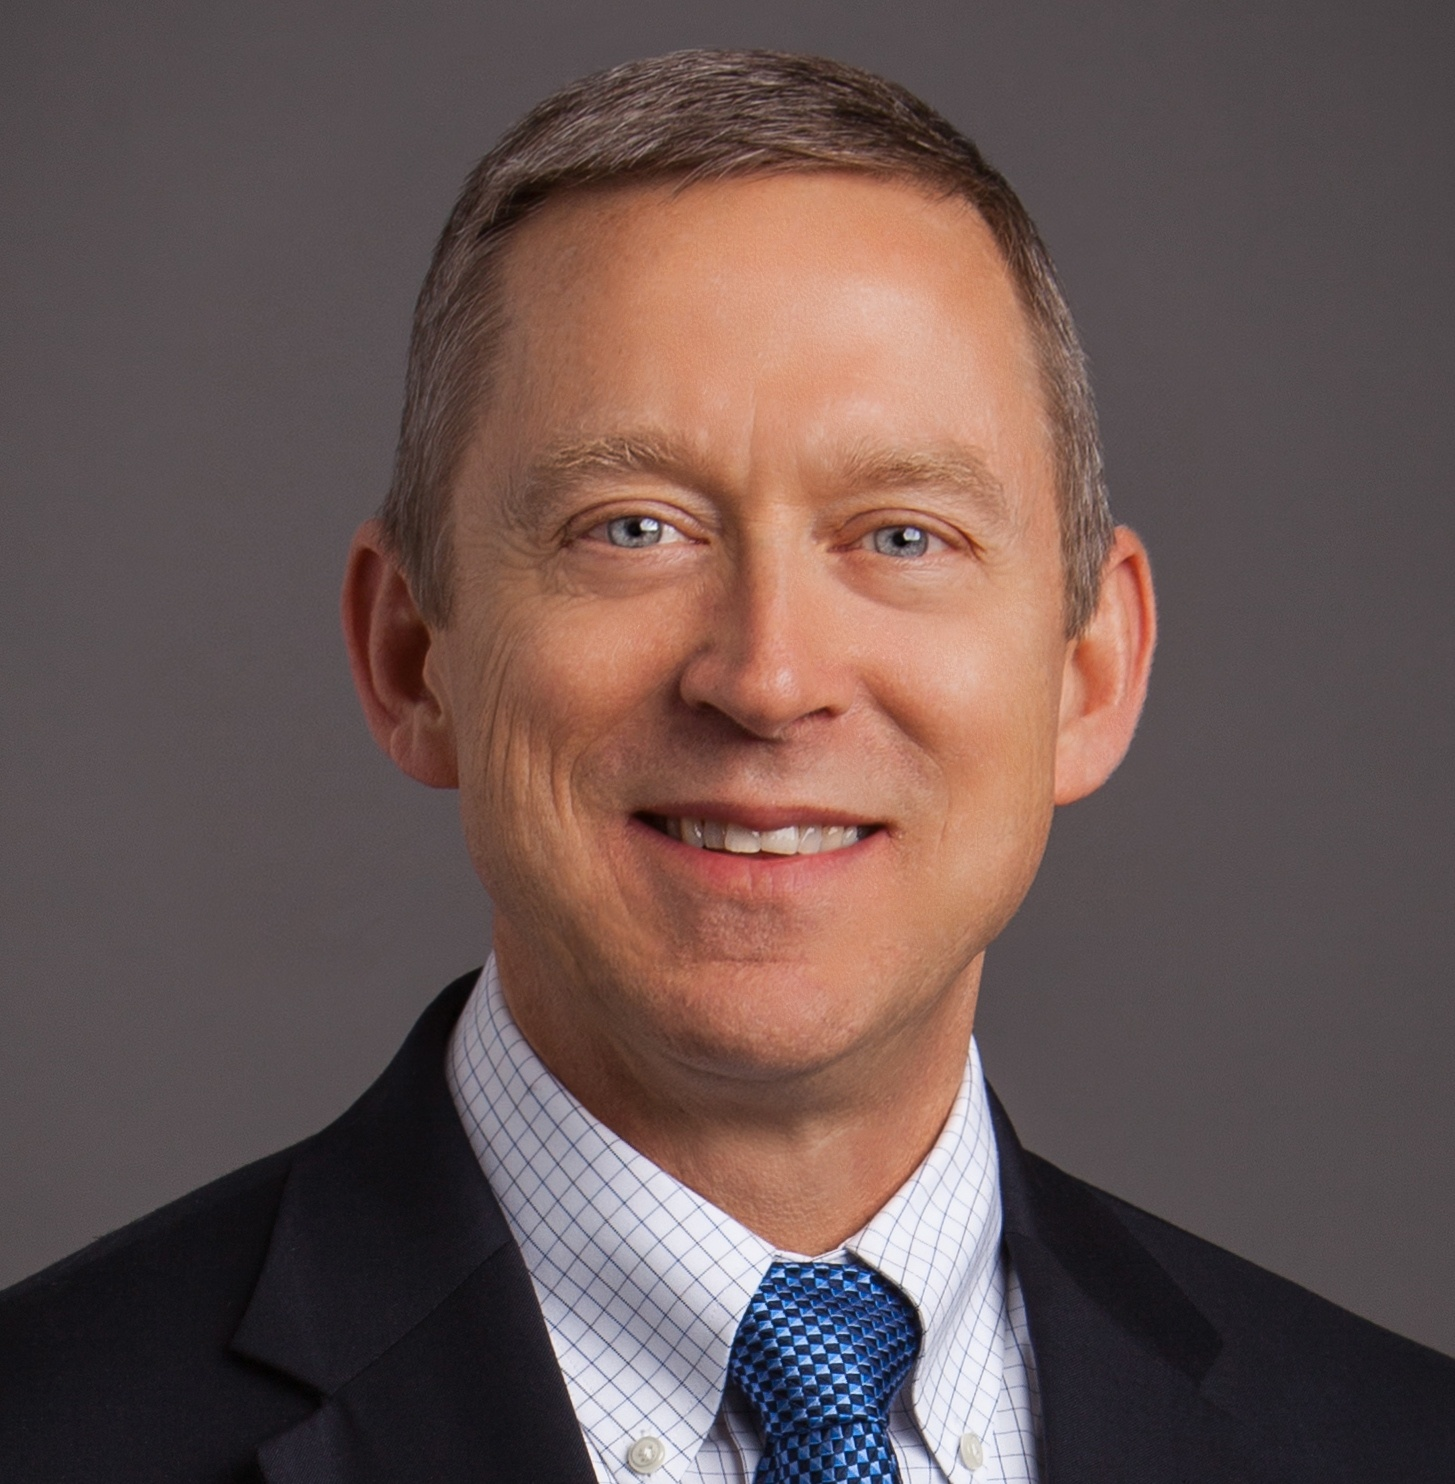 Steve Nalefski